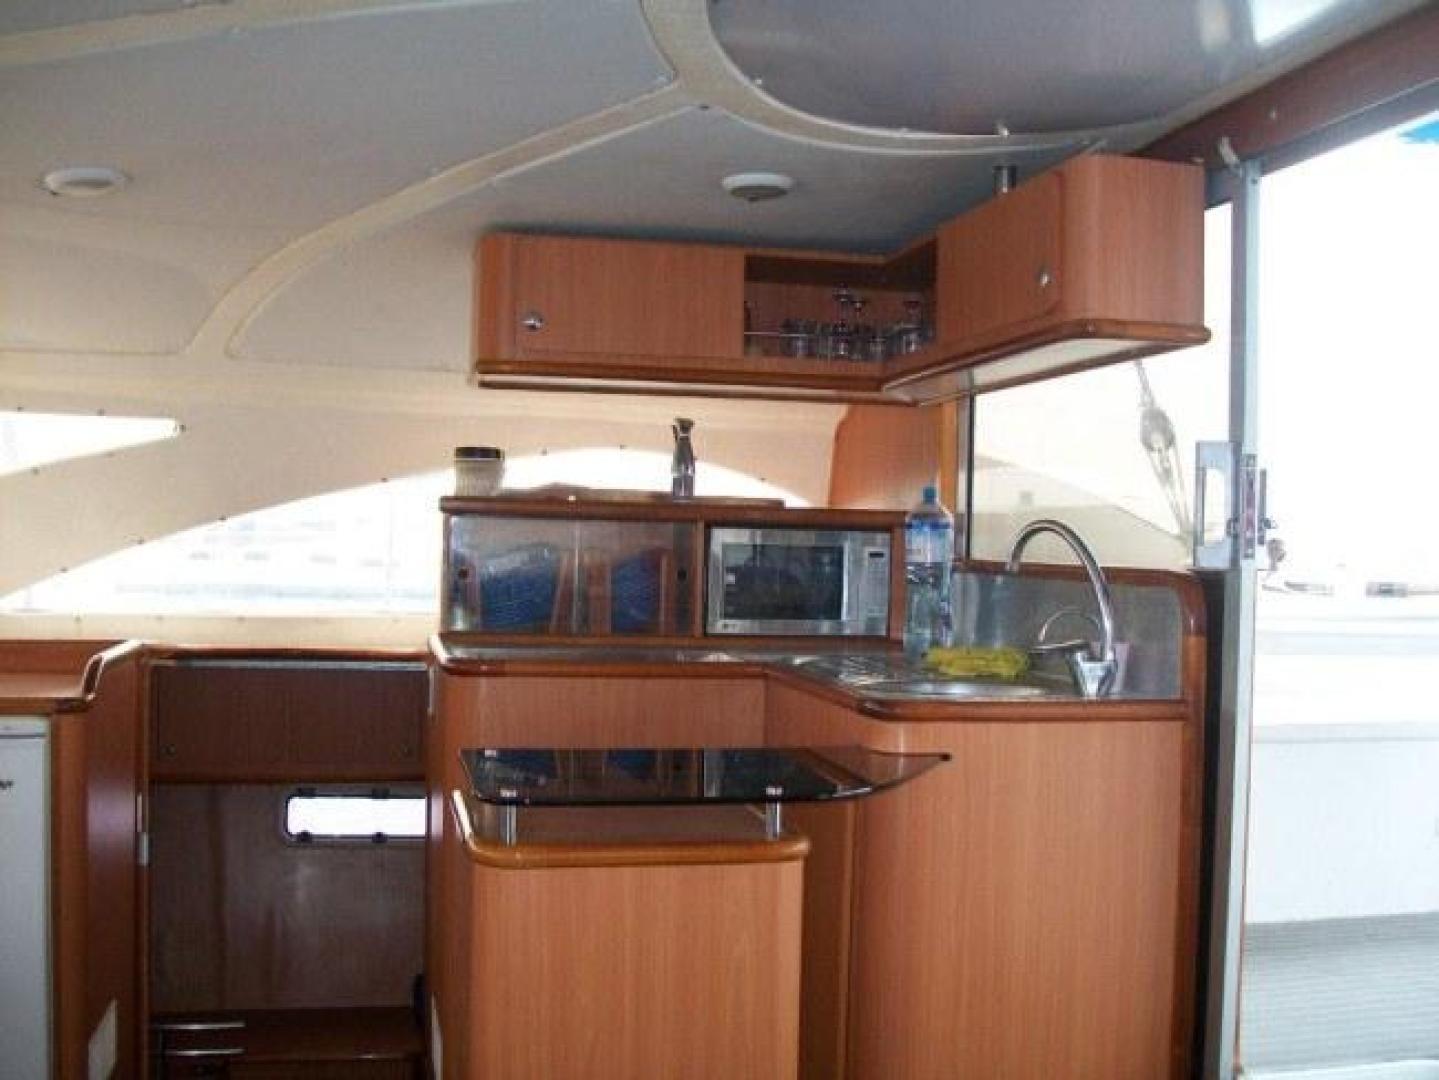 Other-Kelsall KSS 46 2007-PETISO Lima-Peru-301709 | Thumbnail